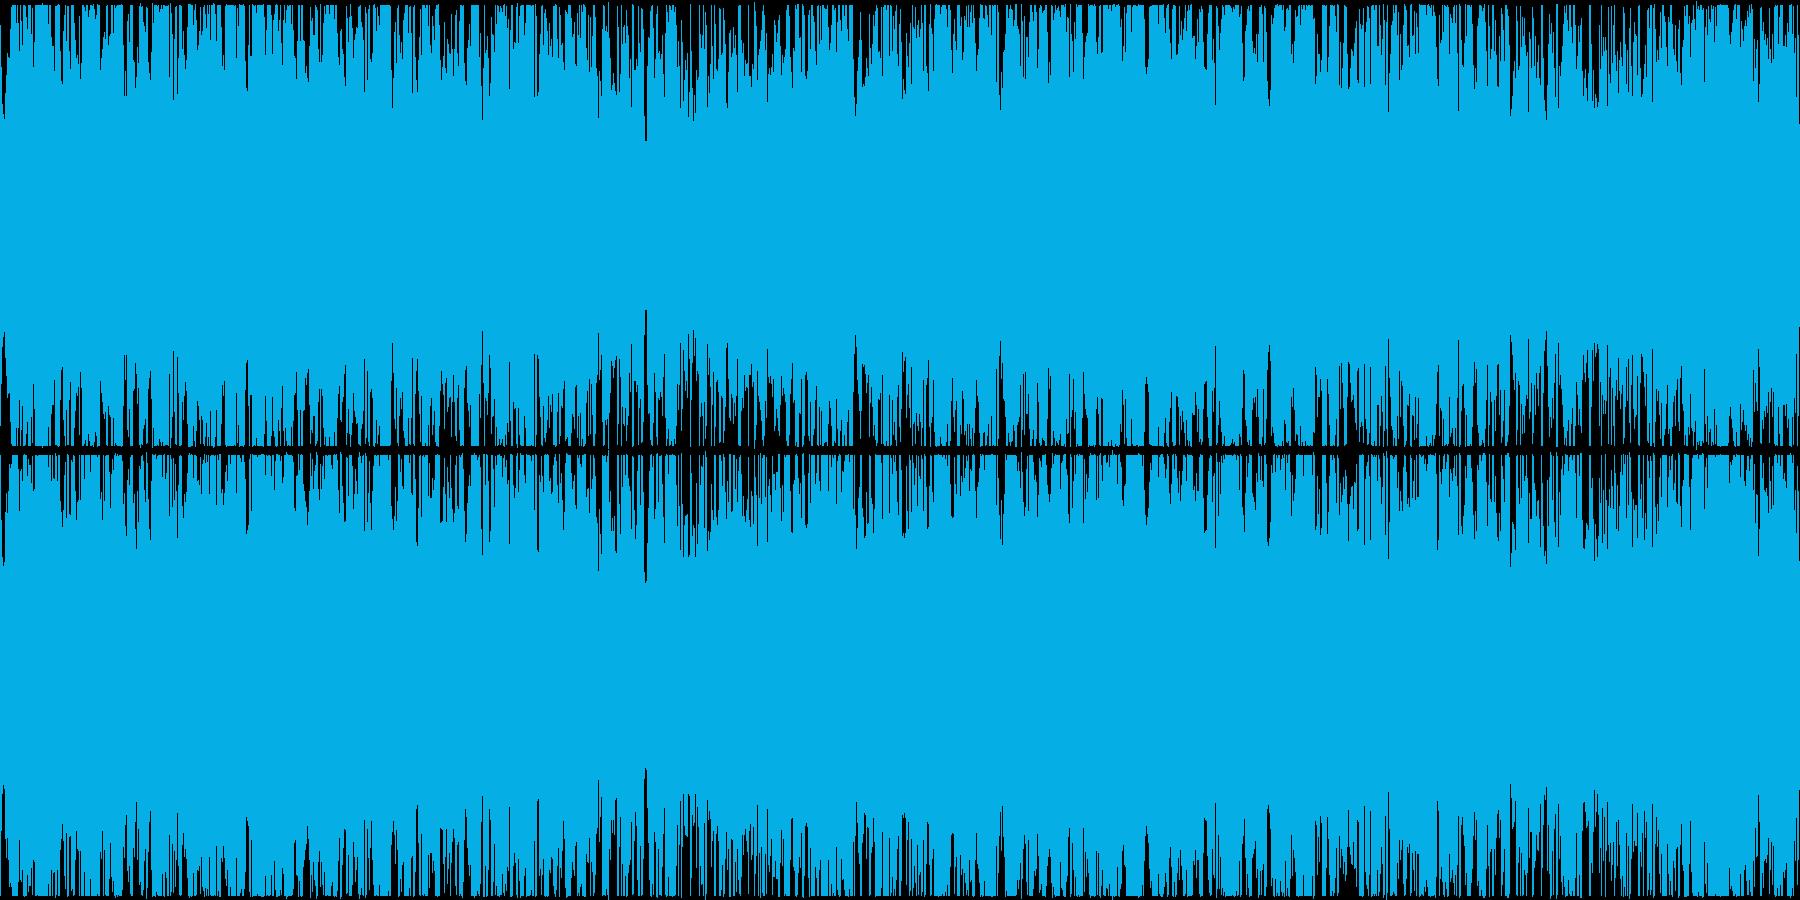 幻想的なシンセとピアノのポップスです。の再生済みの波形